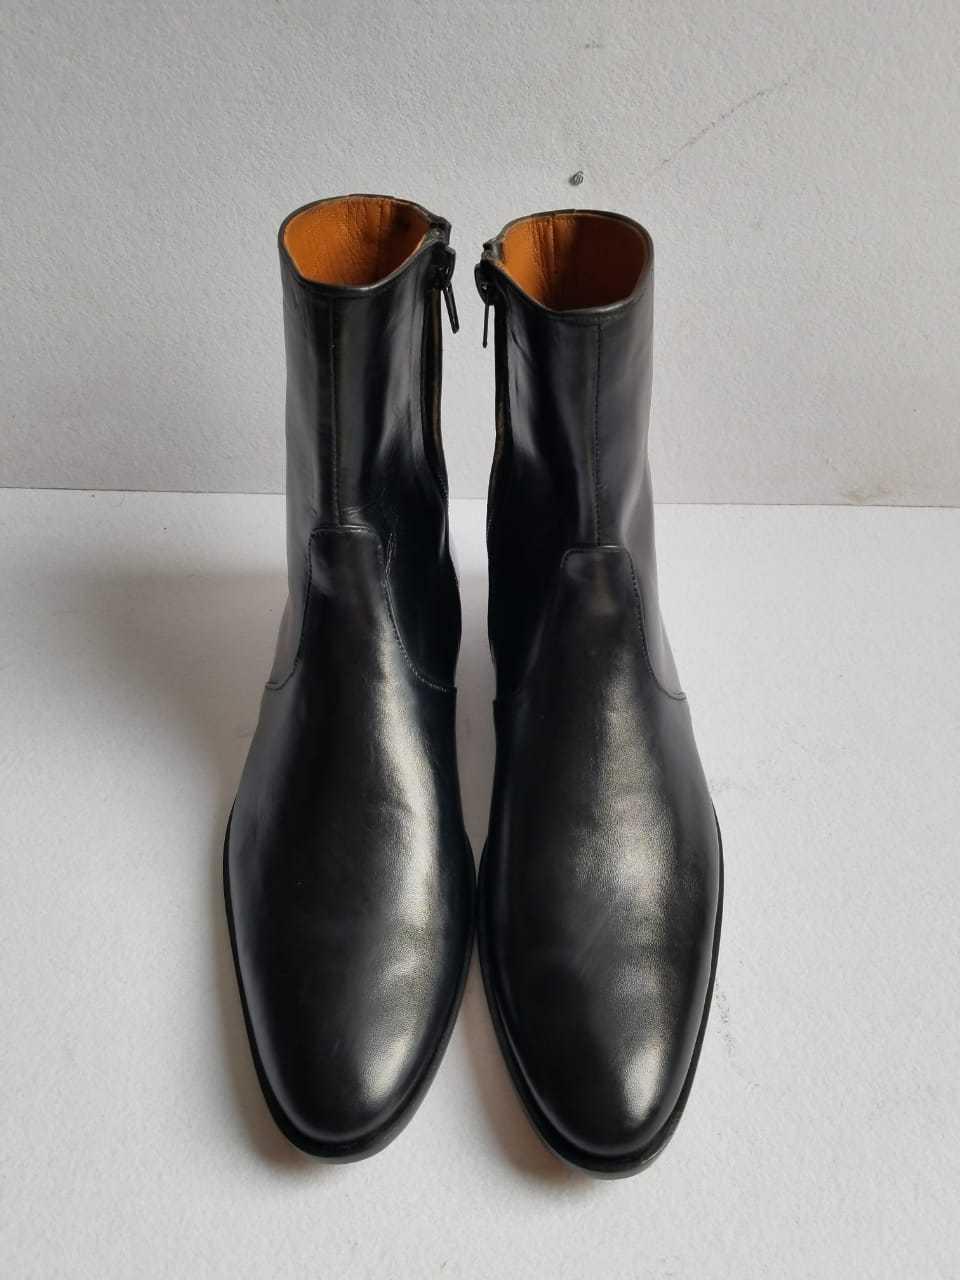 Fatto a mano uomo nero al polpaccio Cerniera DRESSY Alla Caviglia Formale Stivali Invernali